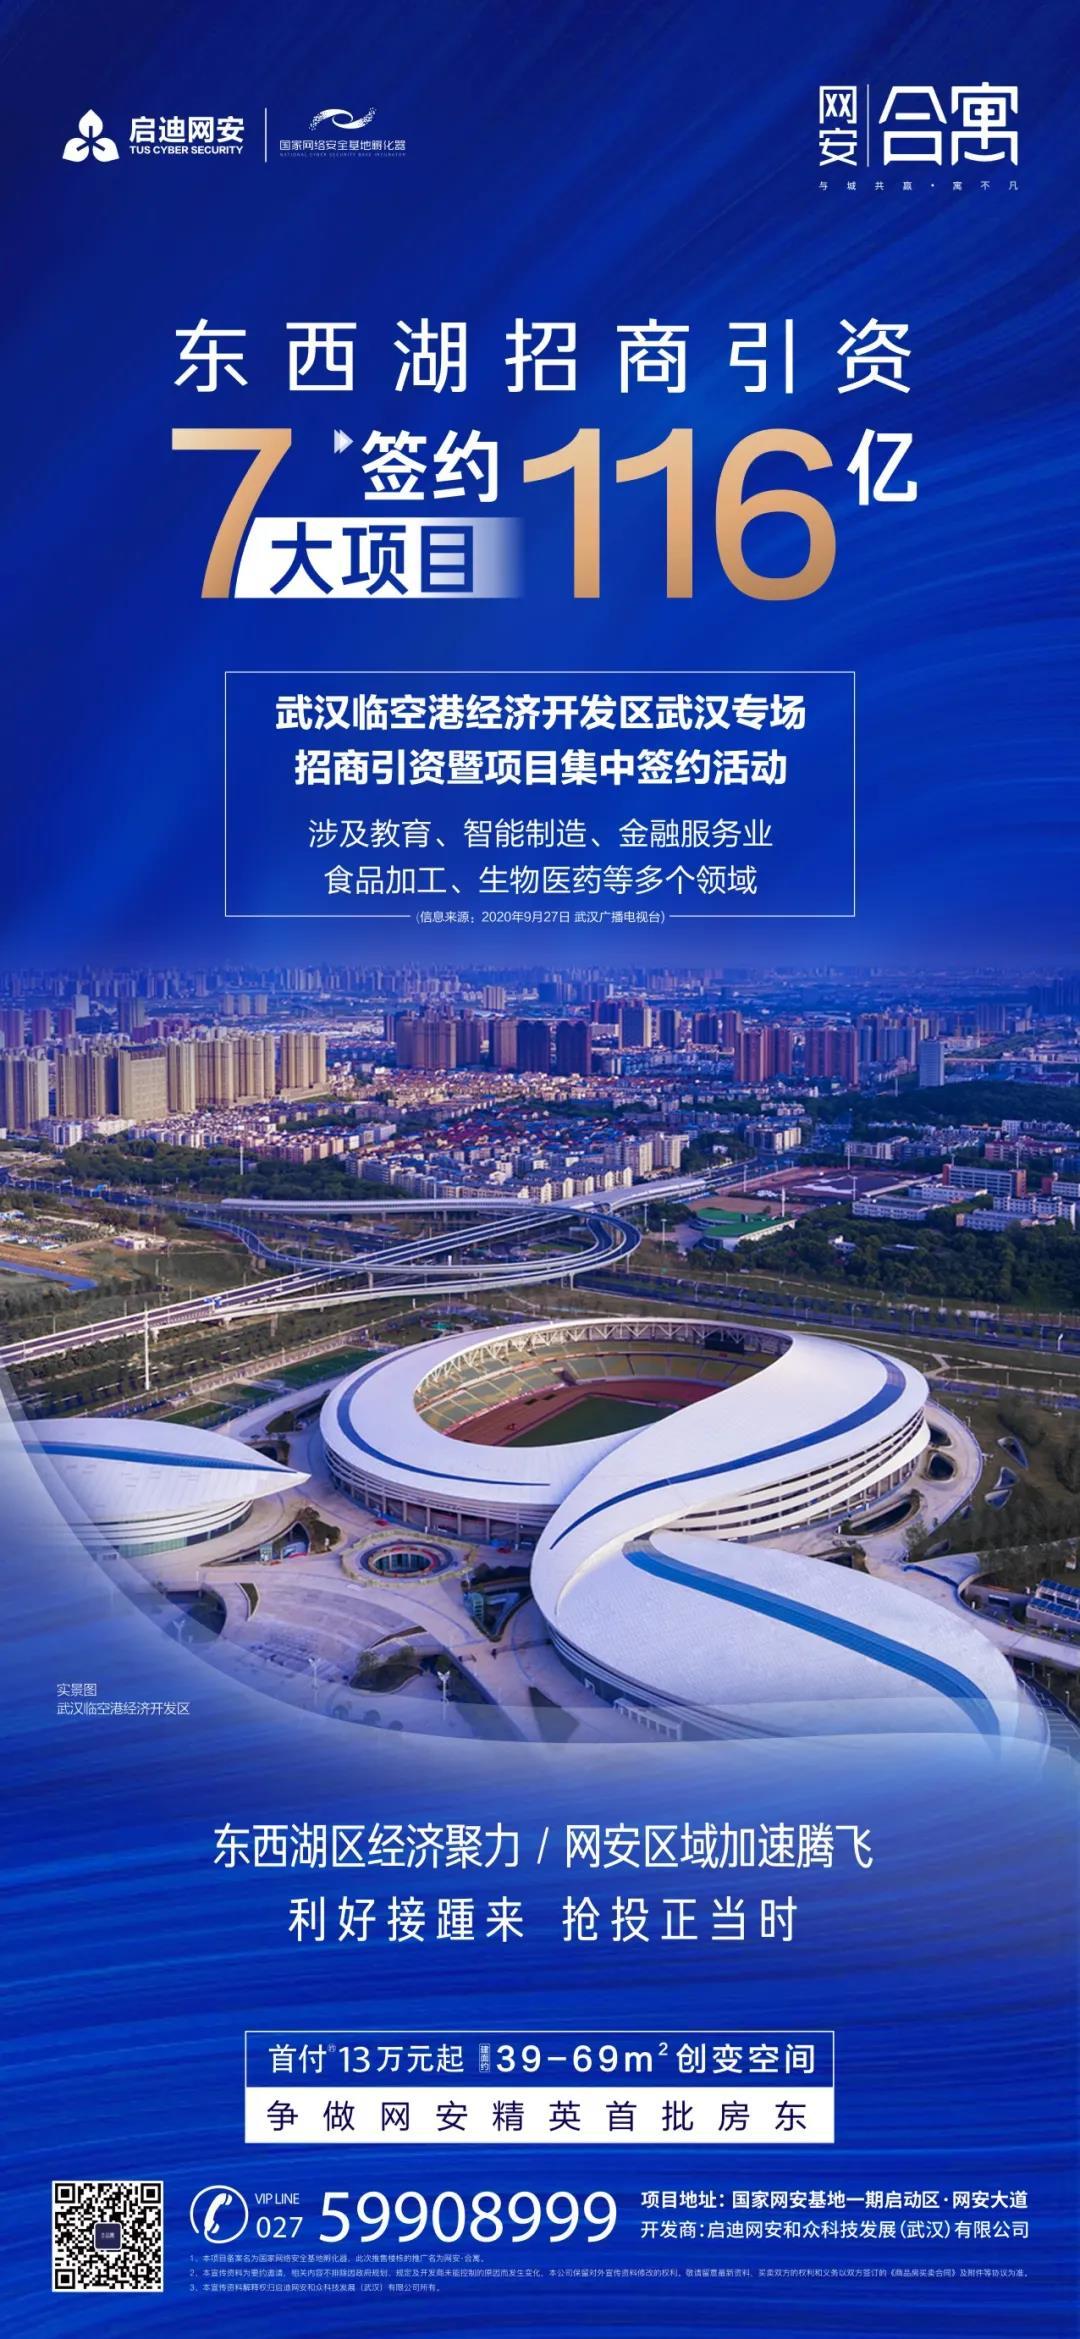 9月利好,东西湖招商引资116亿,助力网安高质发展!